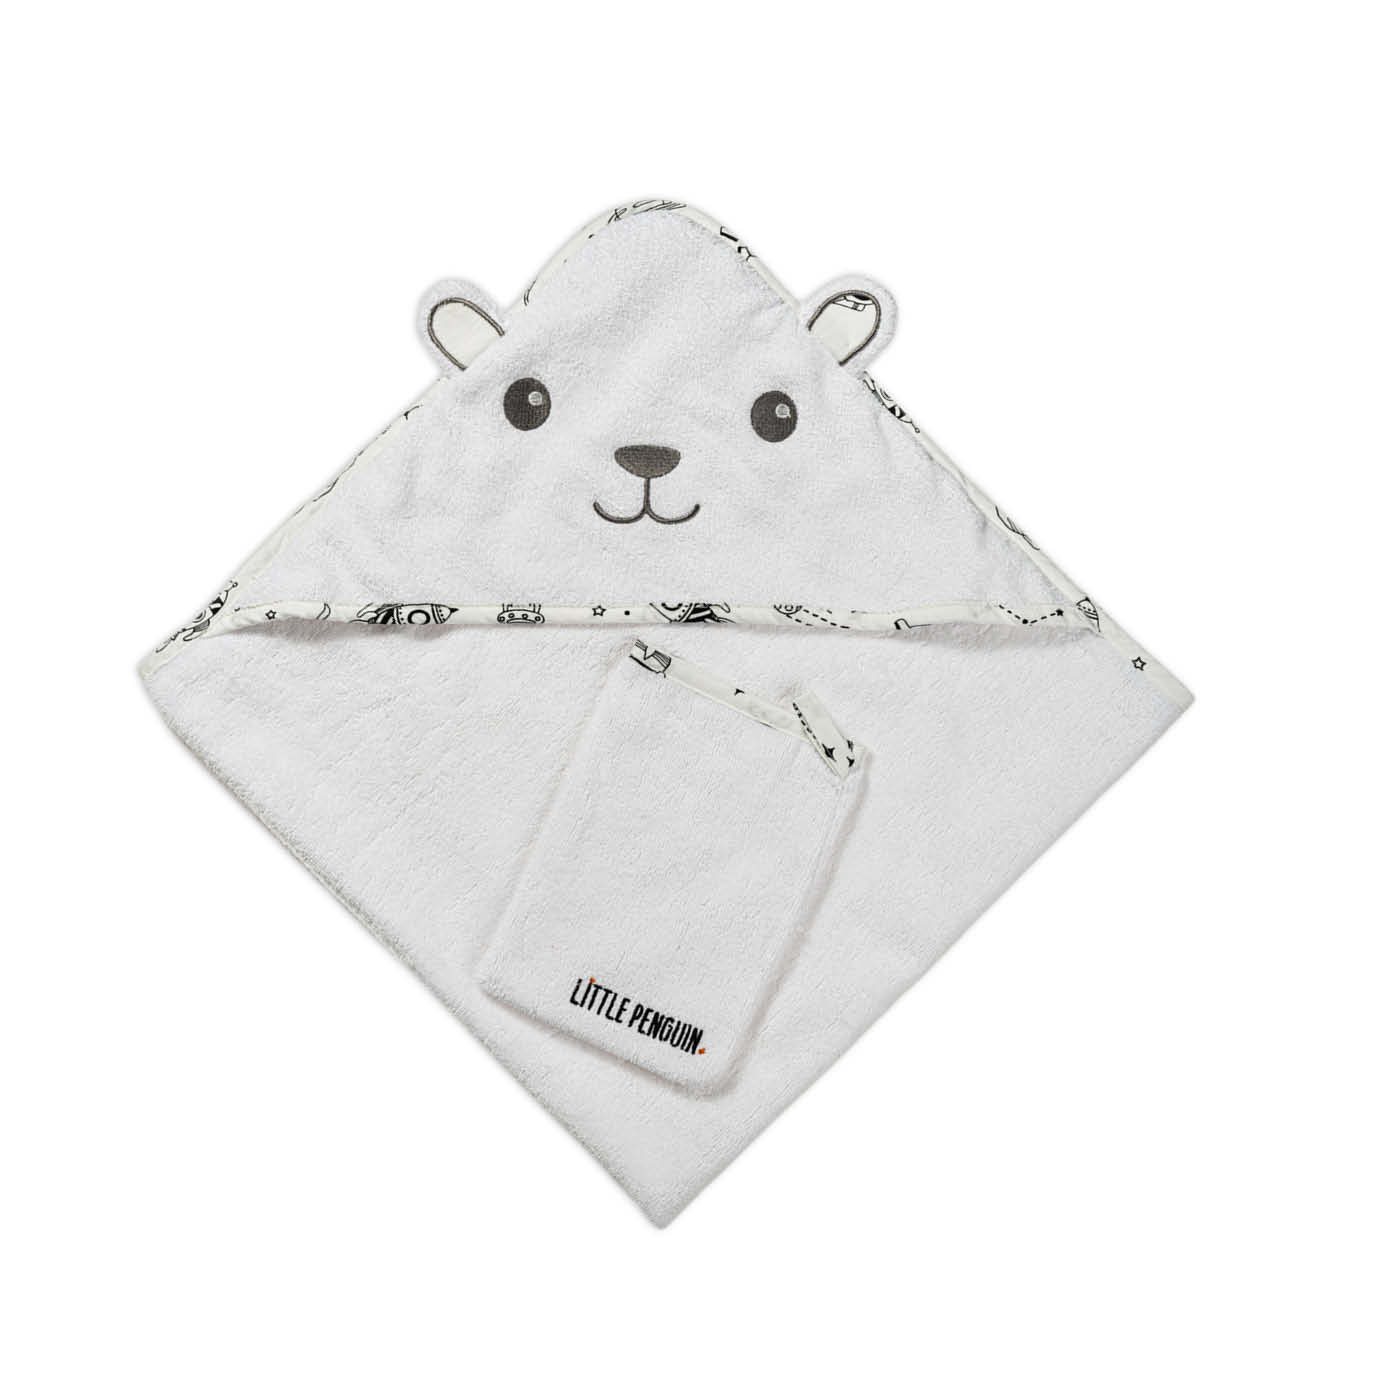 Hooded towel - Space